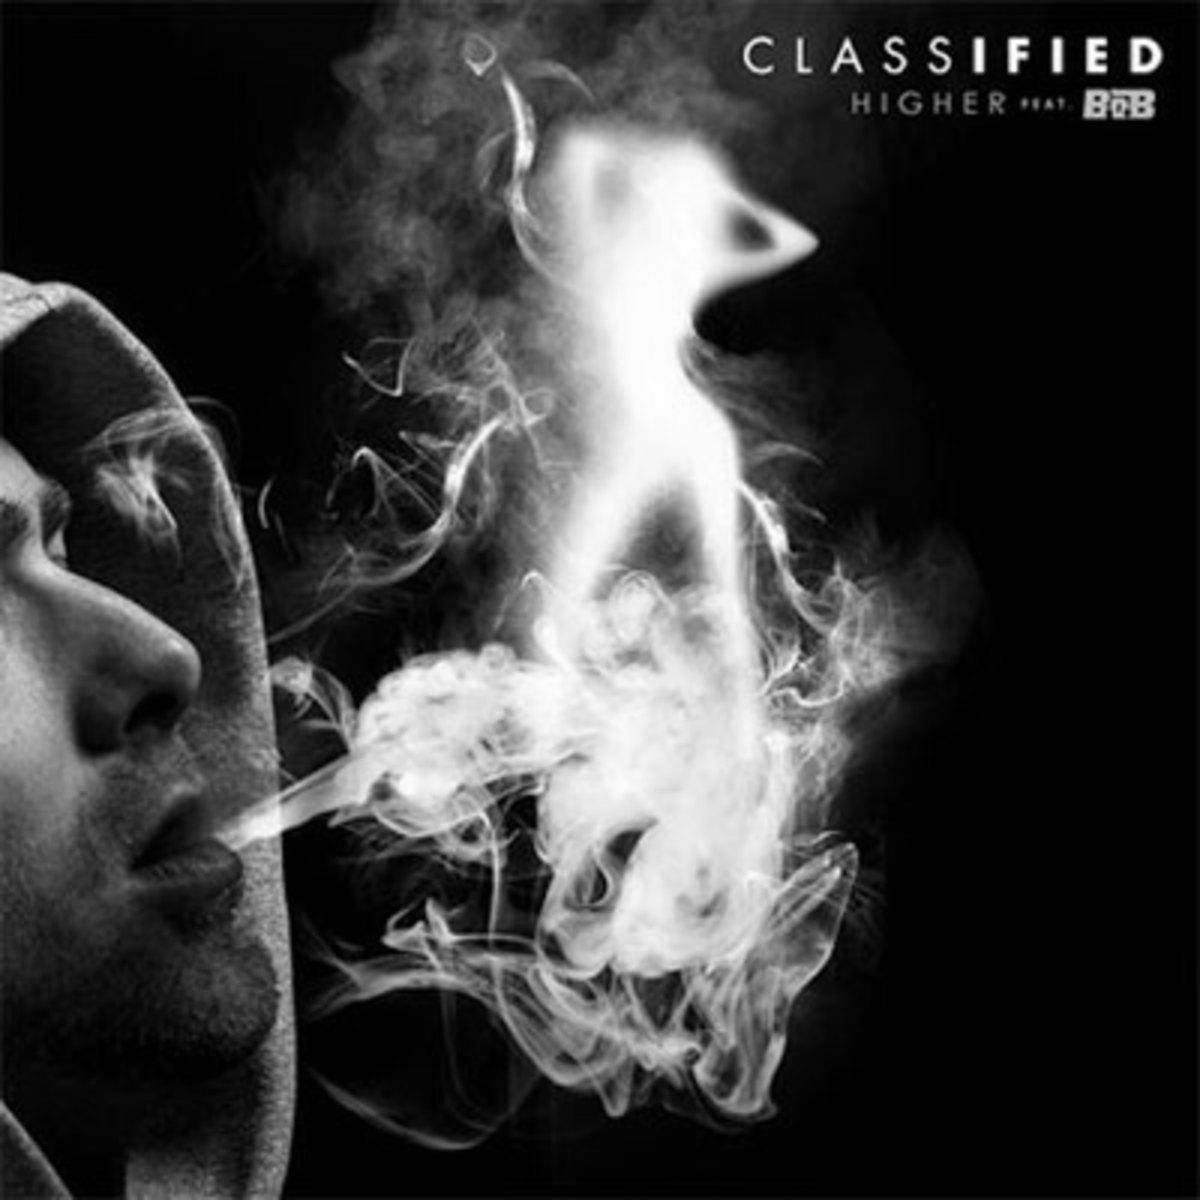 classified-higher.jpg